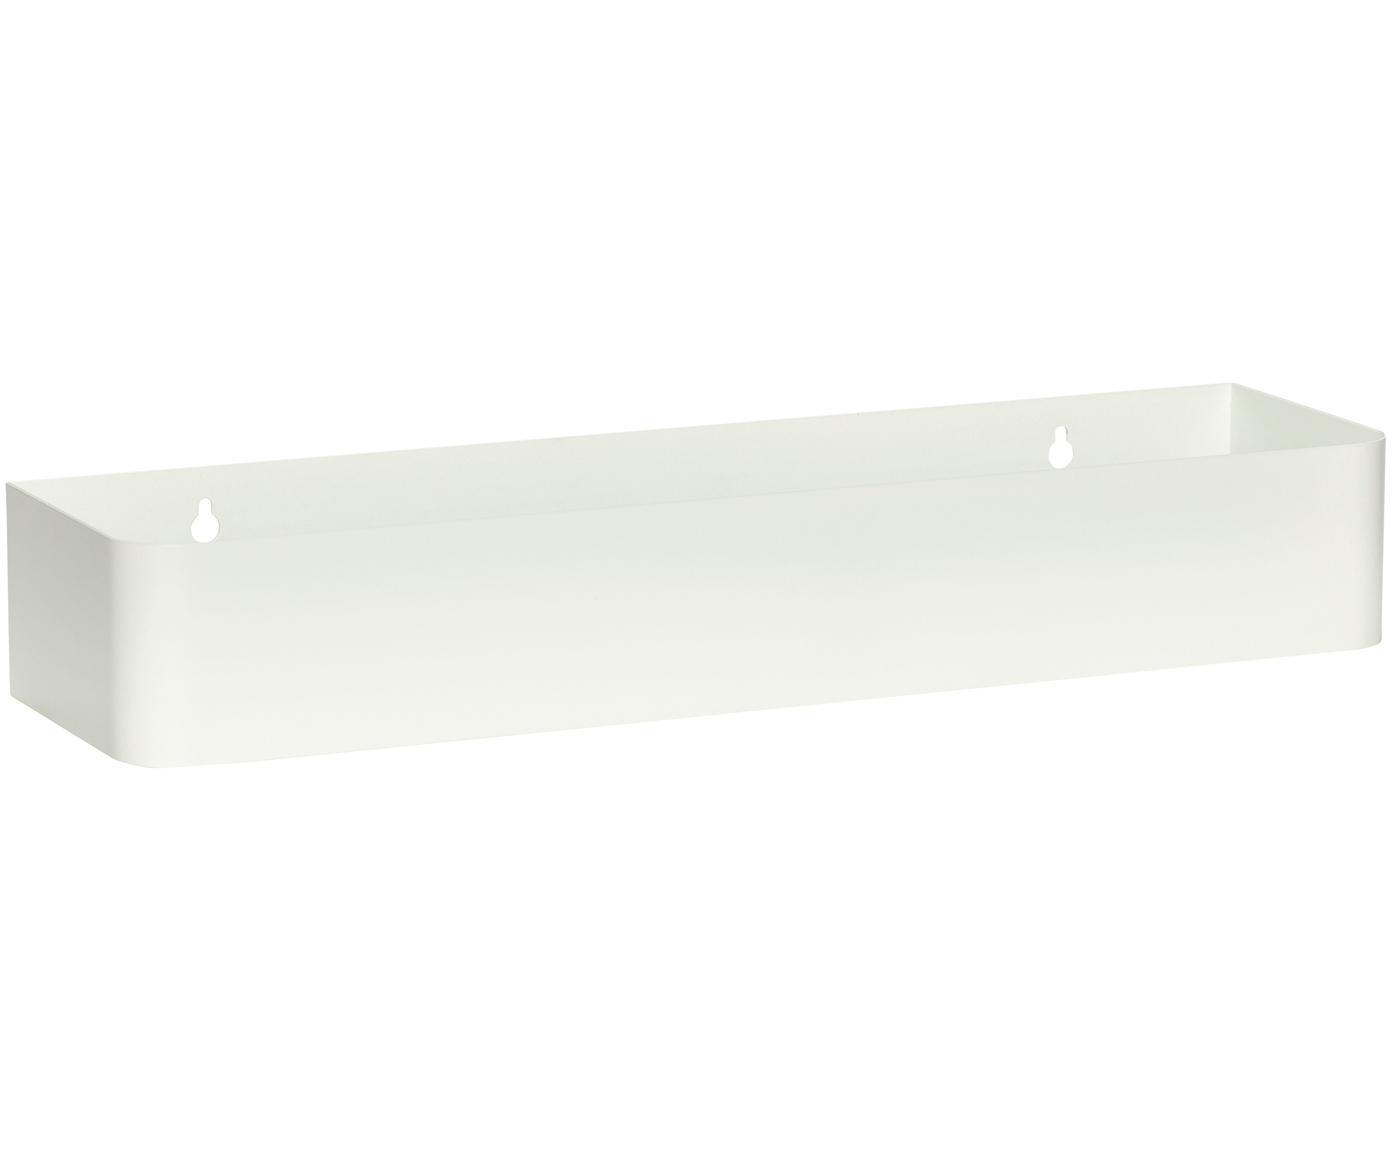 Mensola a muro in metallo Shelf, Metallo rivestito, Bianco, Larg. 45 x Alt. 7 cm